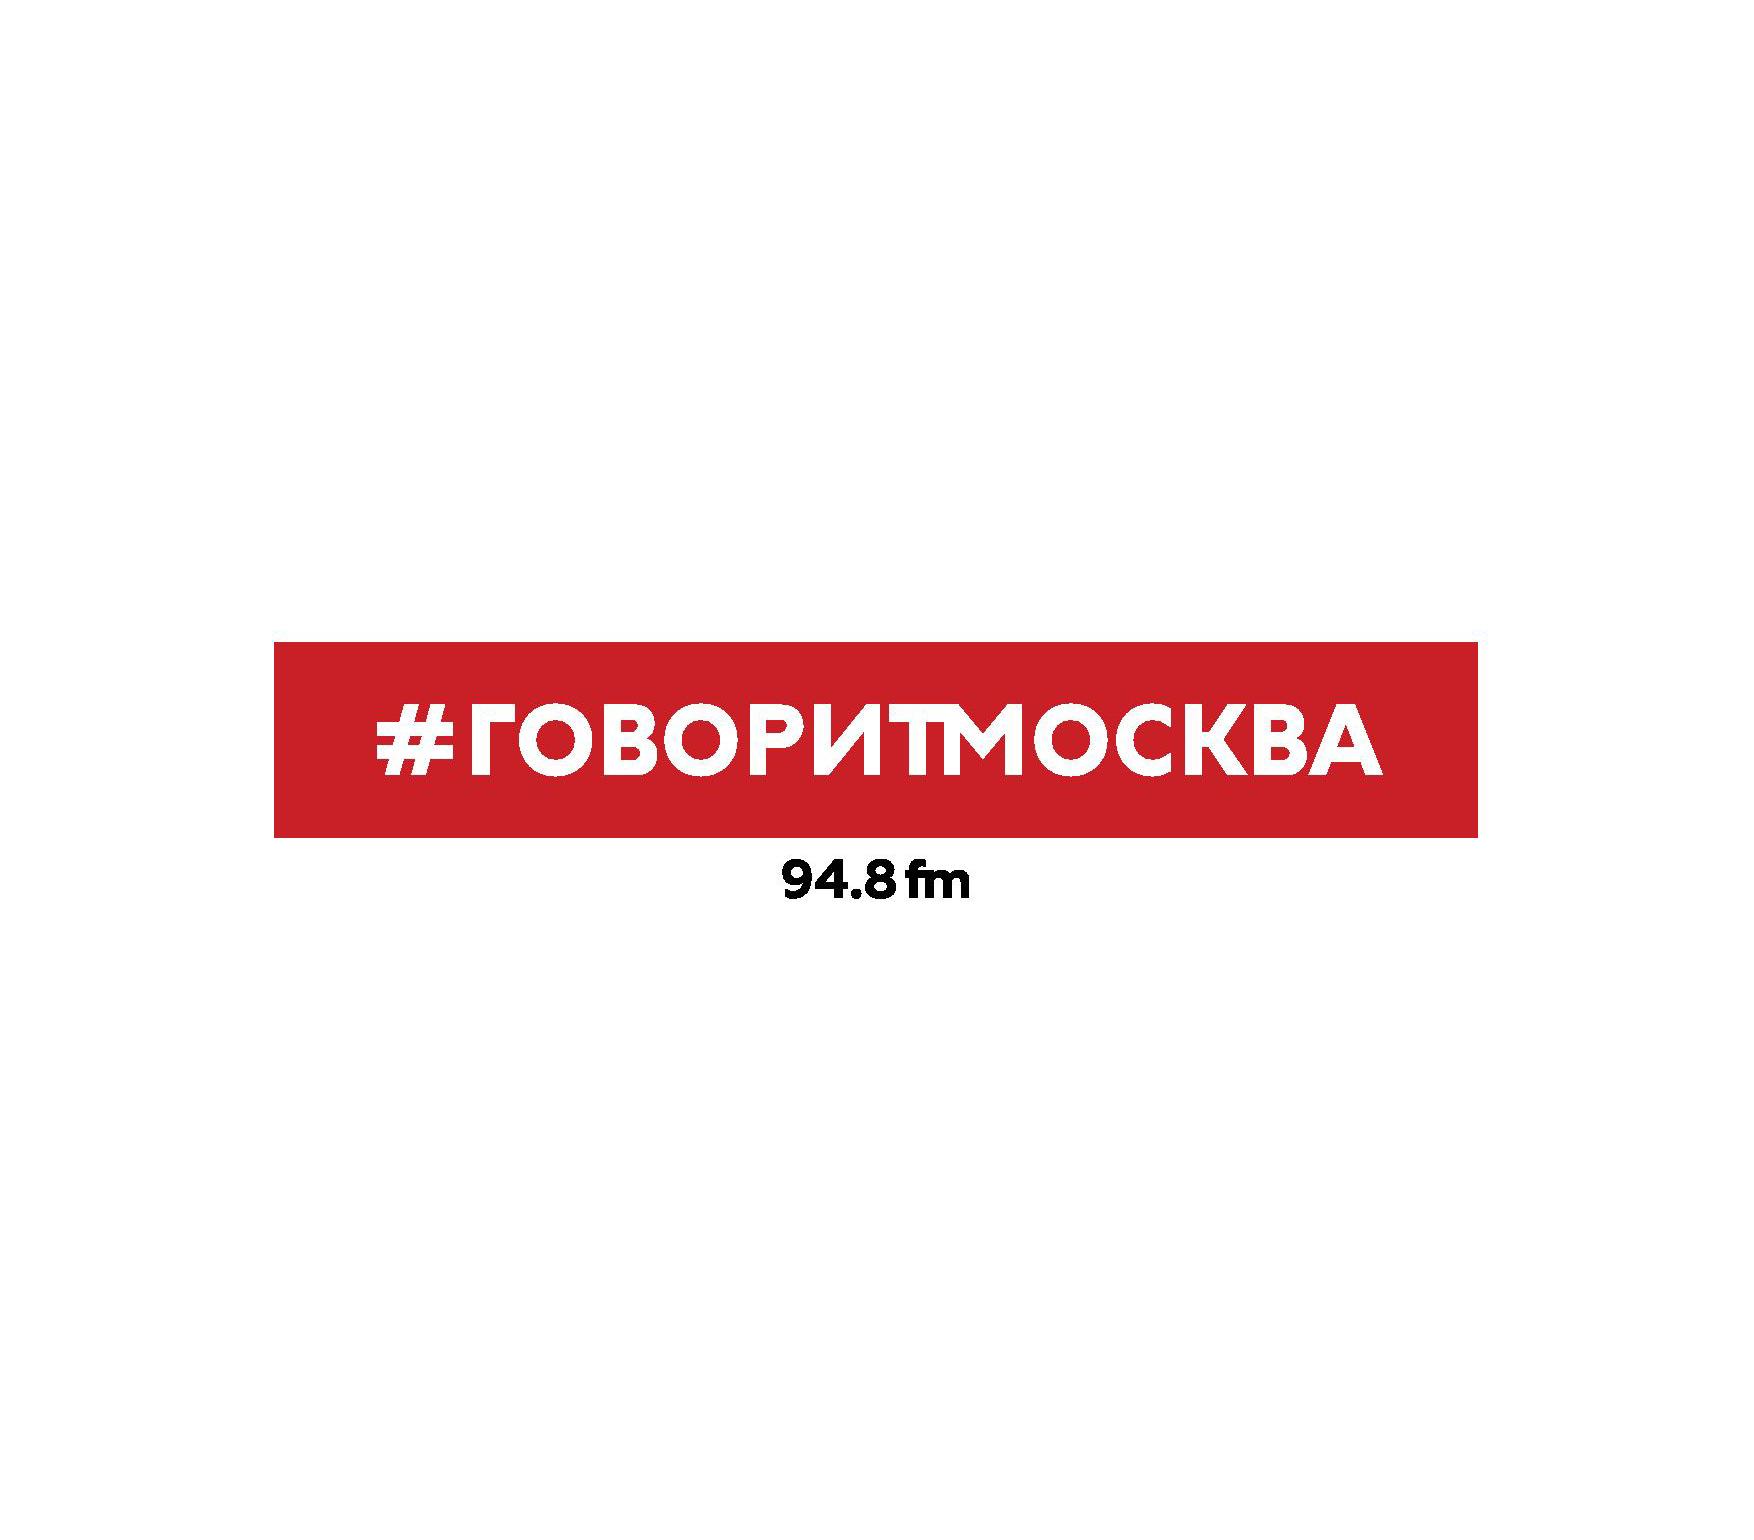 Макс Челноков 26 апреля. Тихон Дзядко макс челноков 14 апреля андрей орлов